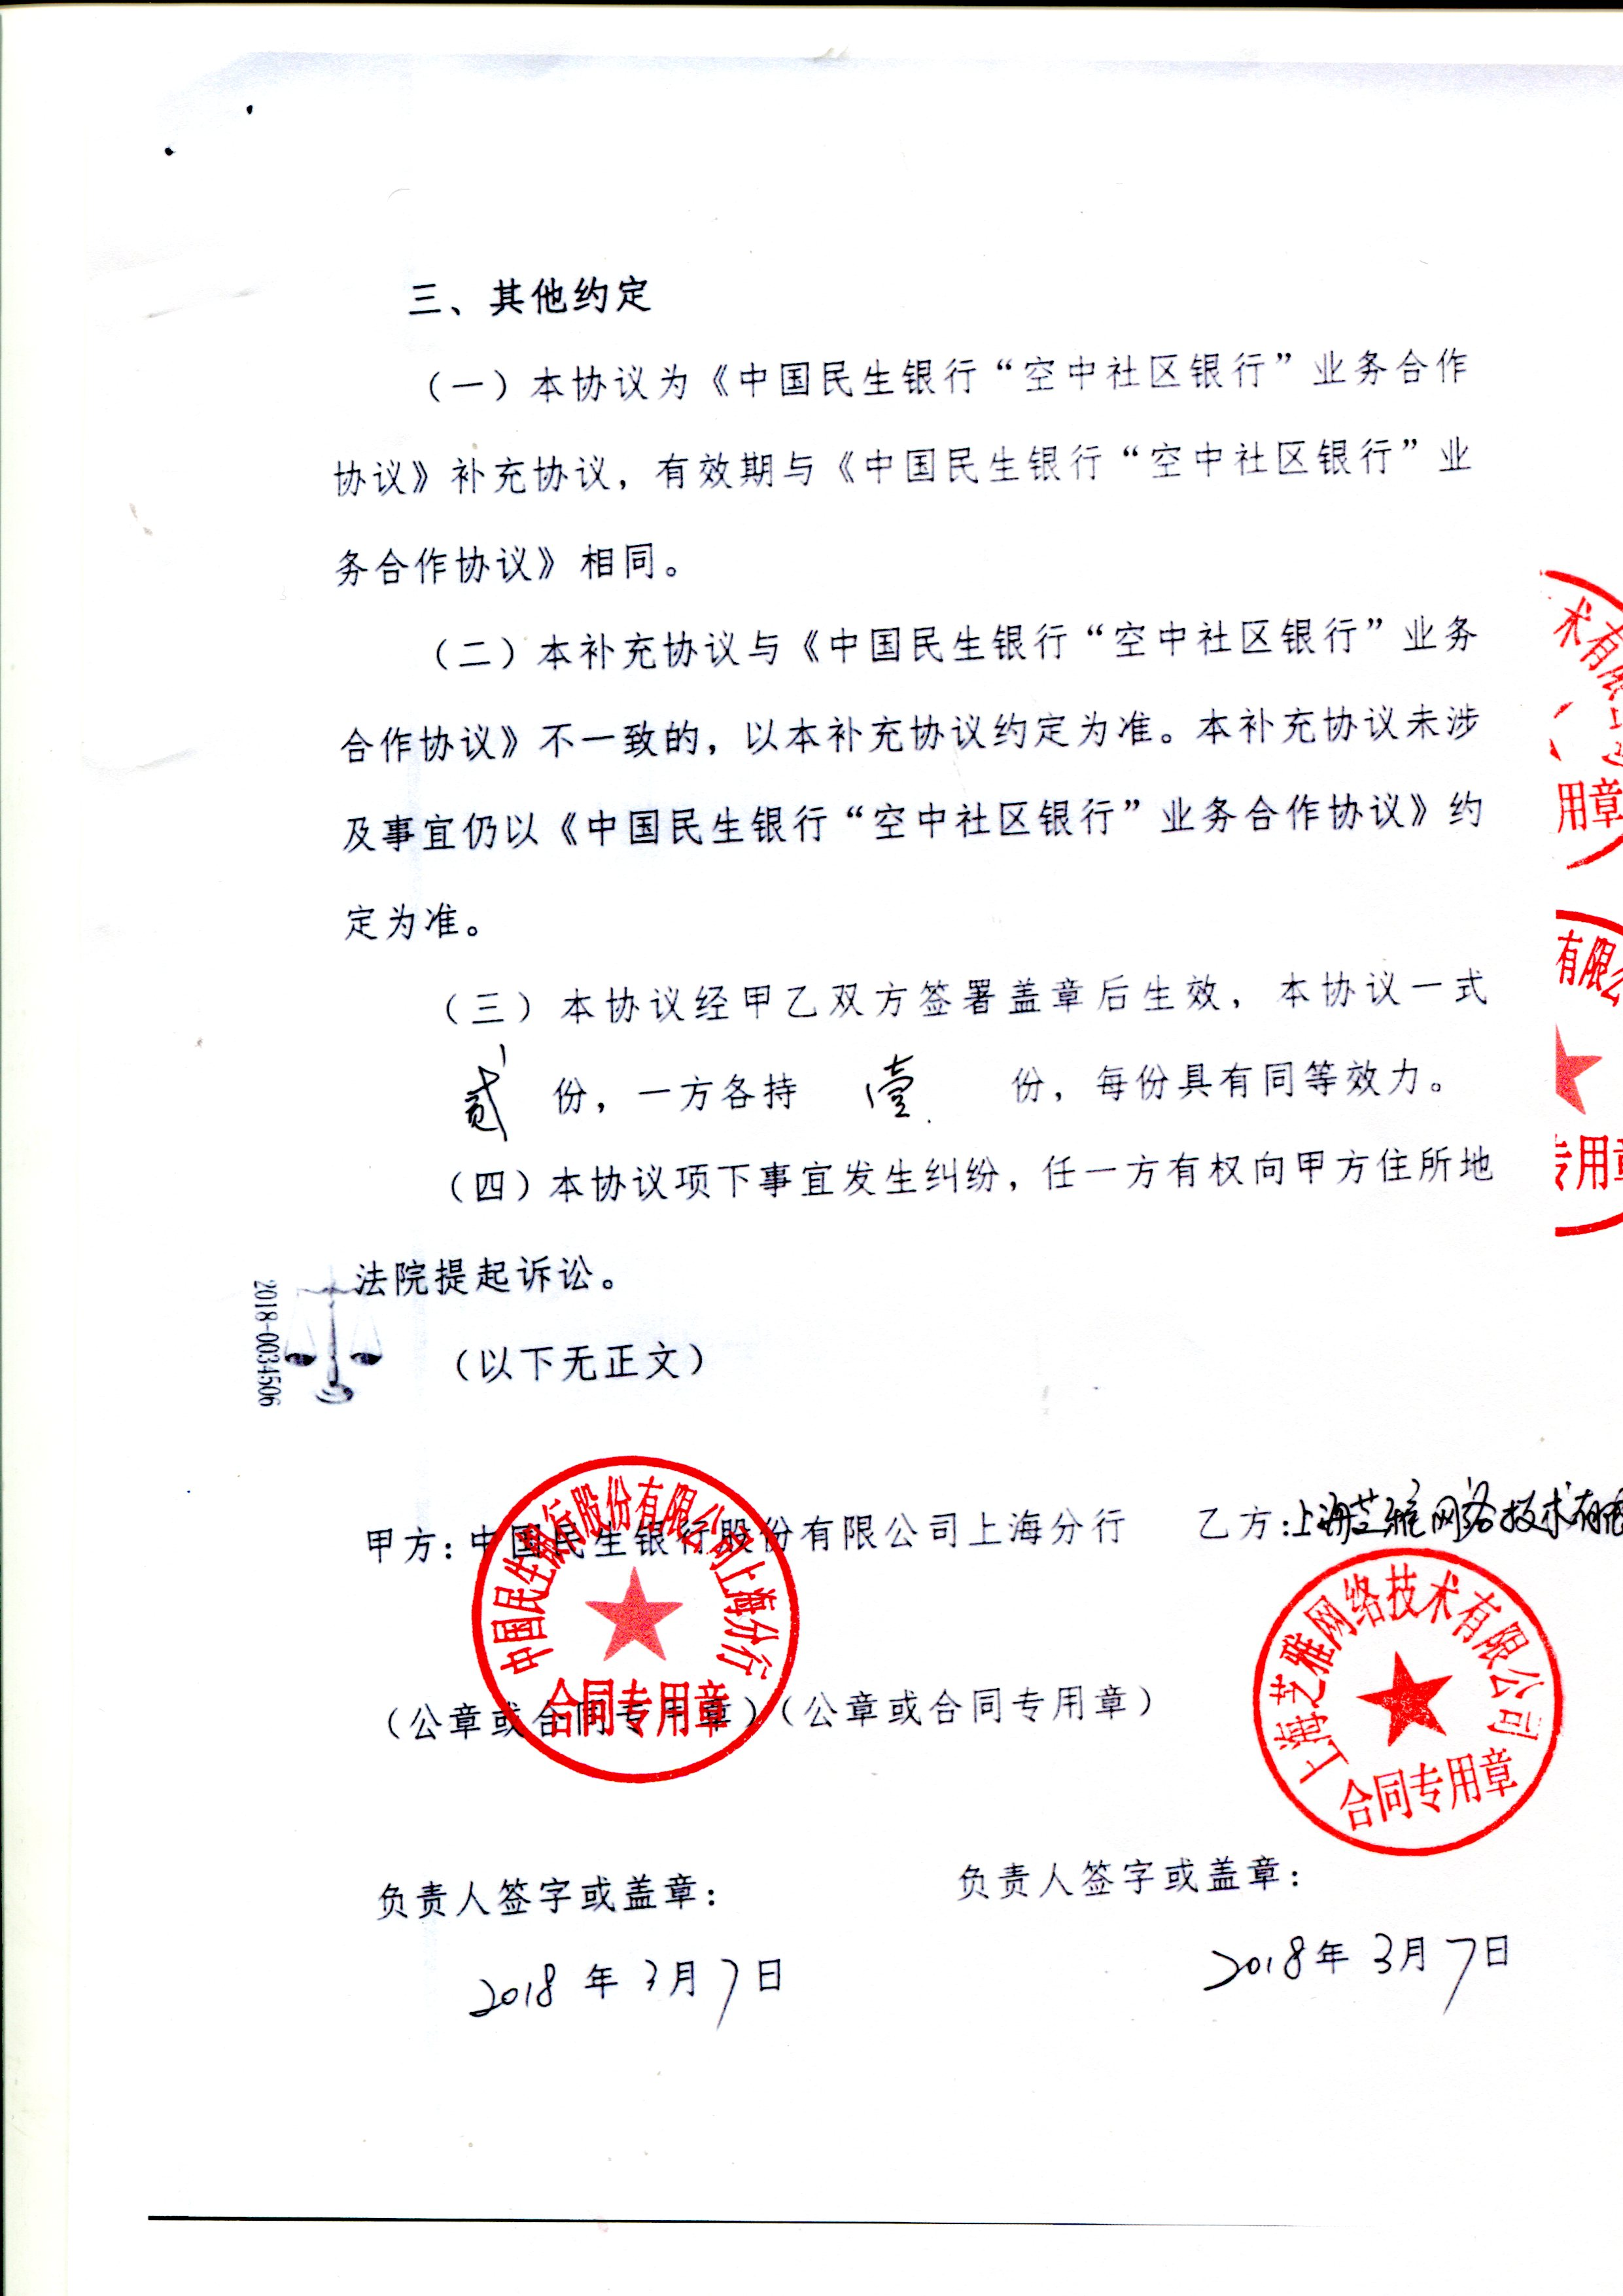 中国民生银行空中社区银行业务合作协议007.jpg